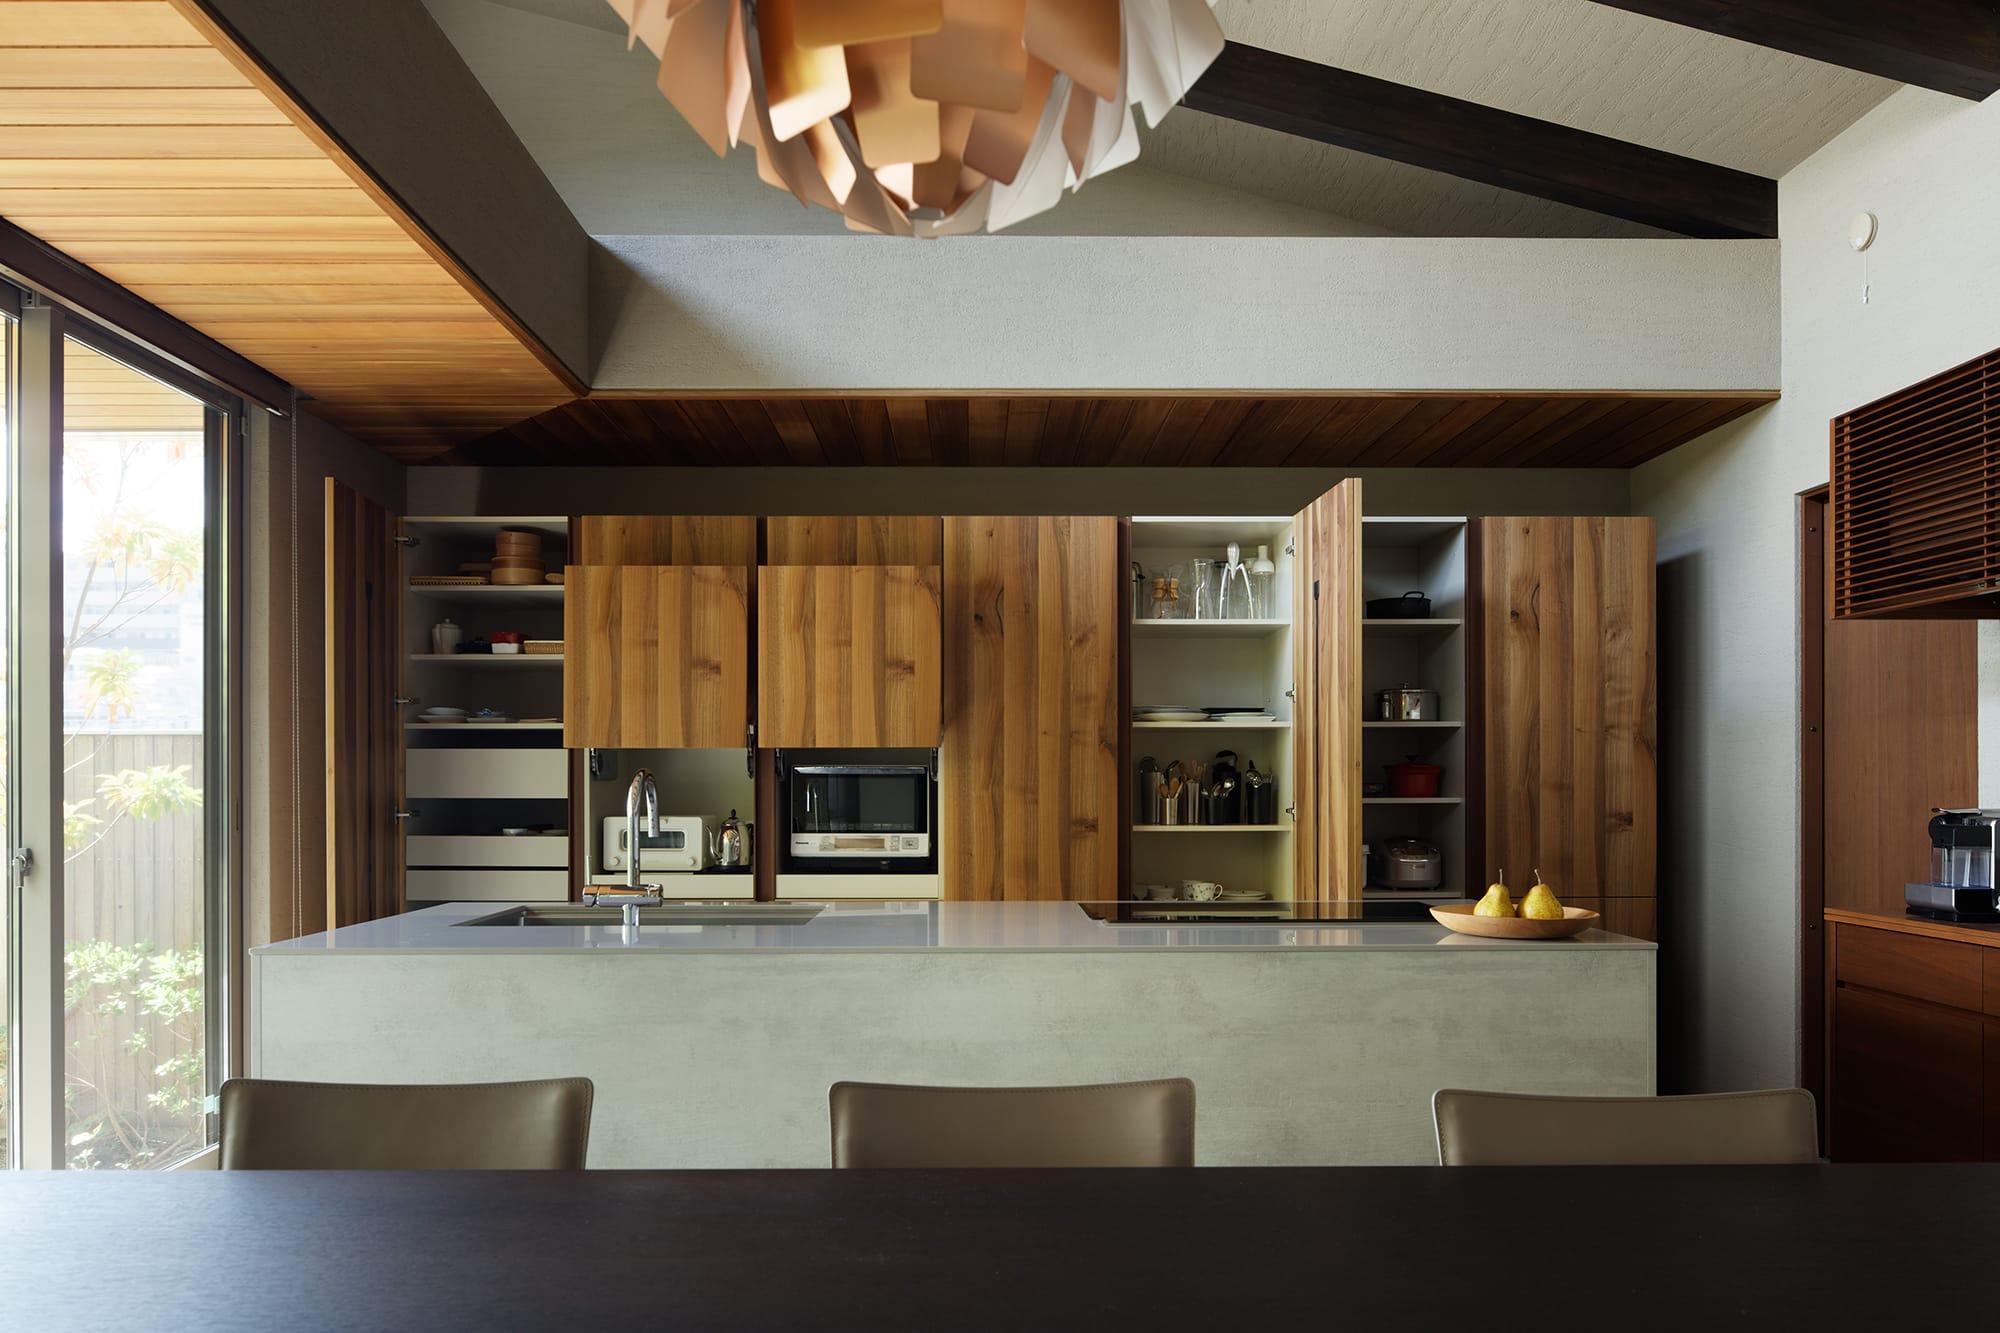 収納スペースは適材適所の収納が実現するように計算されている。 キッチン製作=ユーロモビル大阪/住宅=積水ハウス Photography by Ken Shirotani